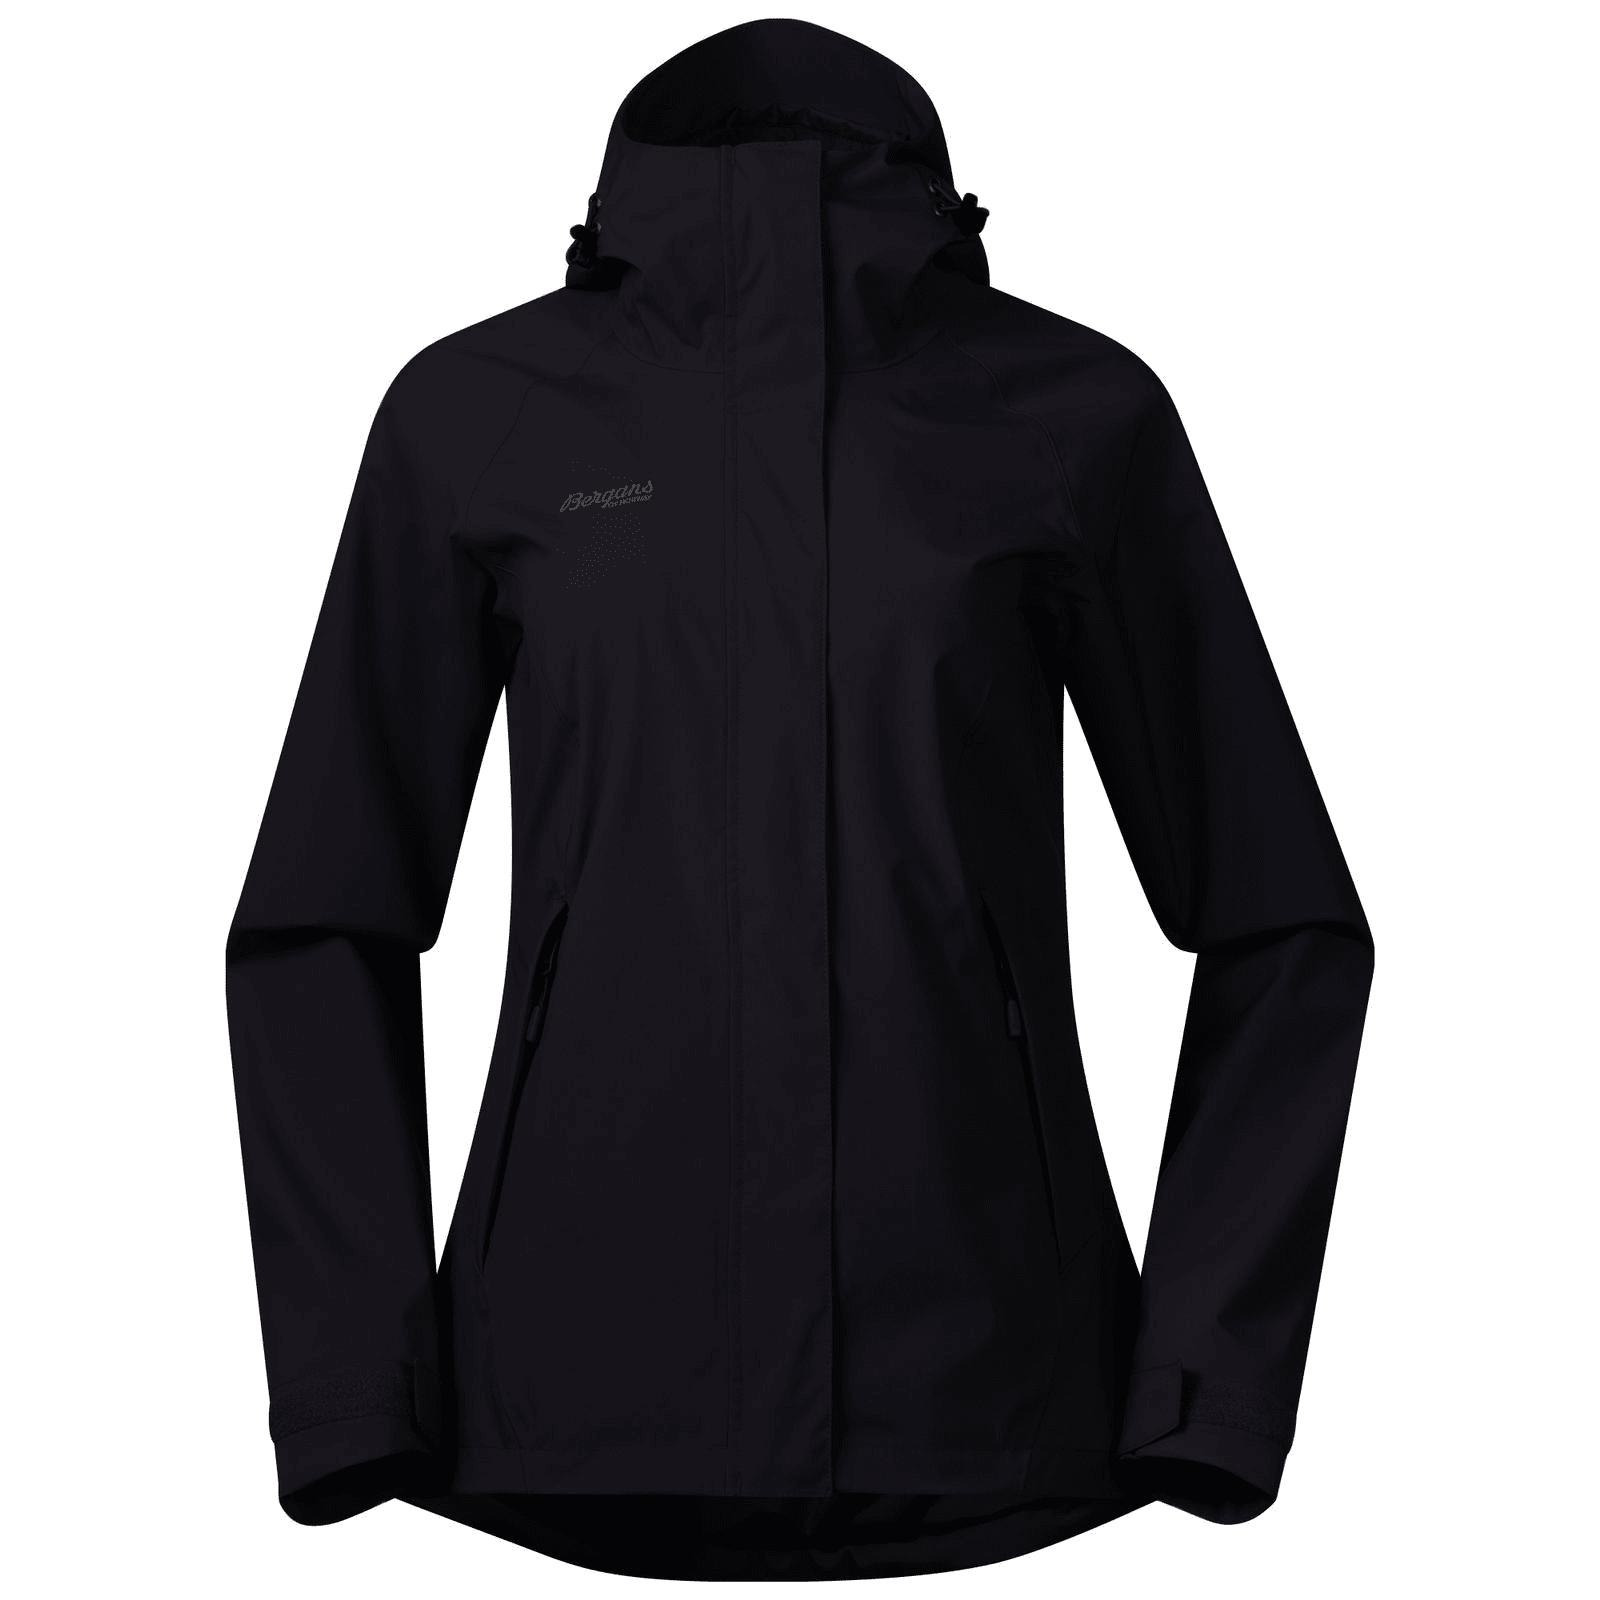 Ramberg Women's Jacket